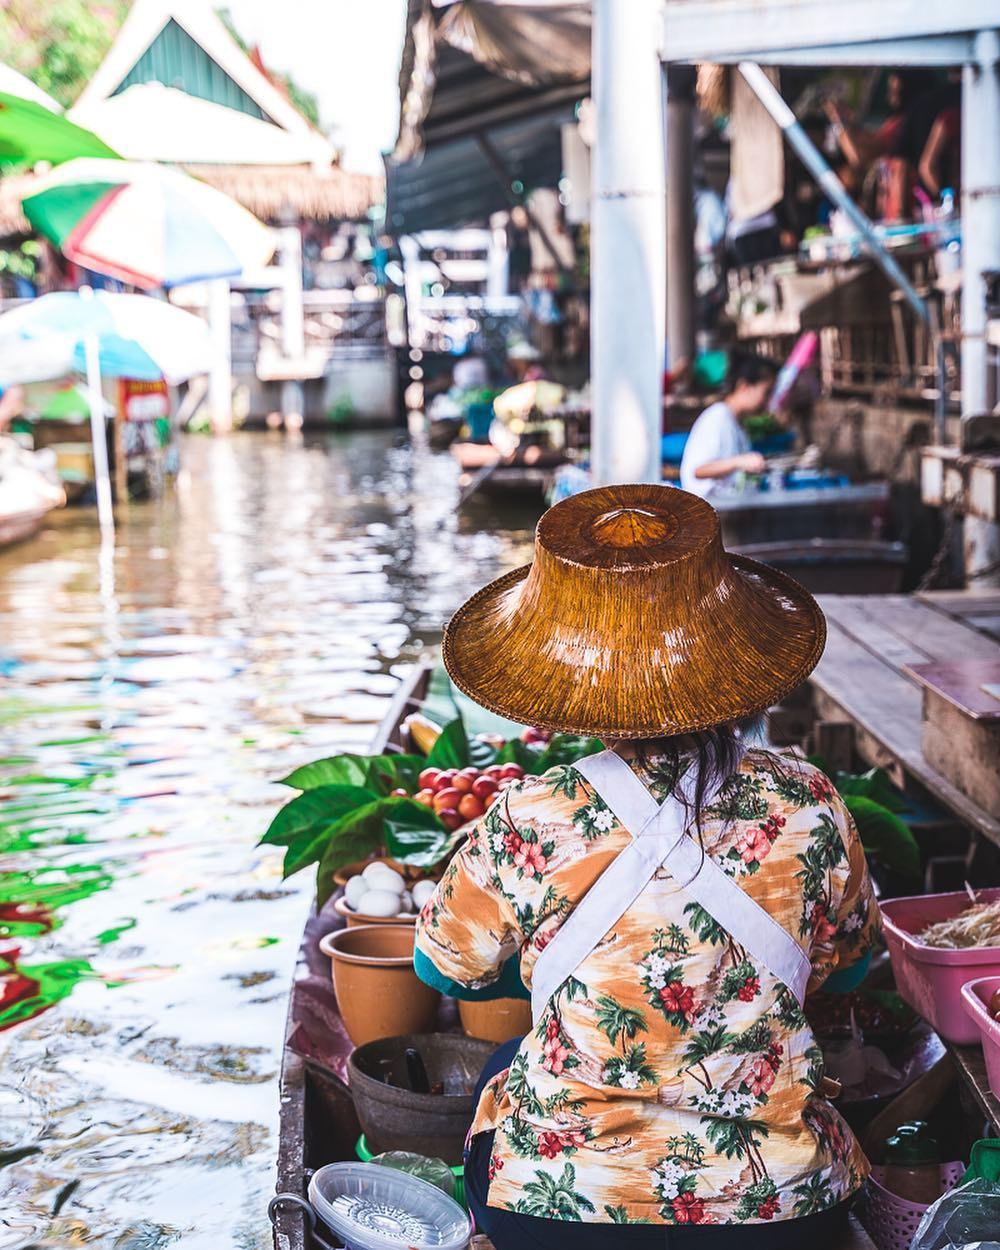 Chơi quên lối về tại những khu chợ nổi nhất định phải ghé ở Bangkok - Ảnh 19.